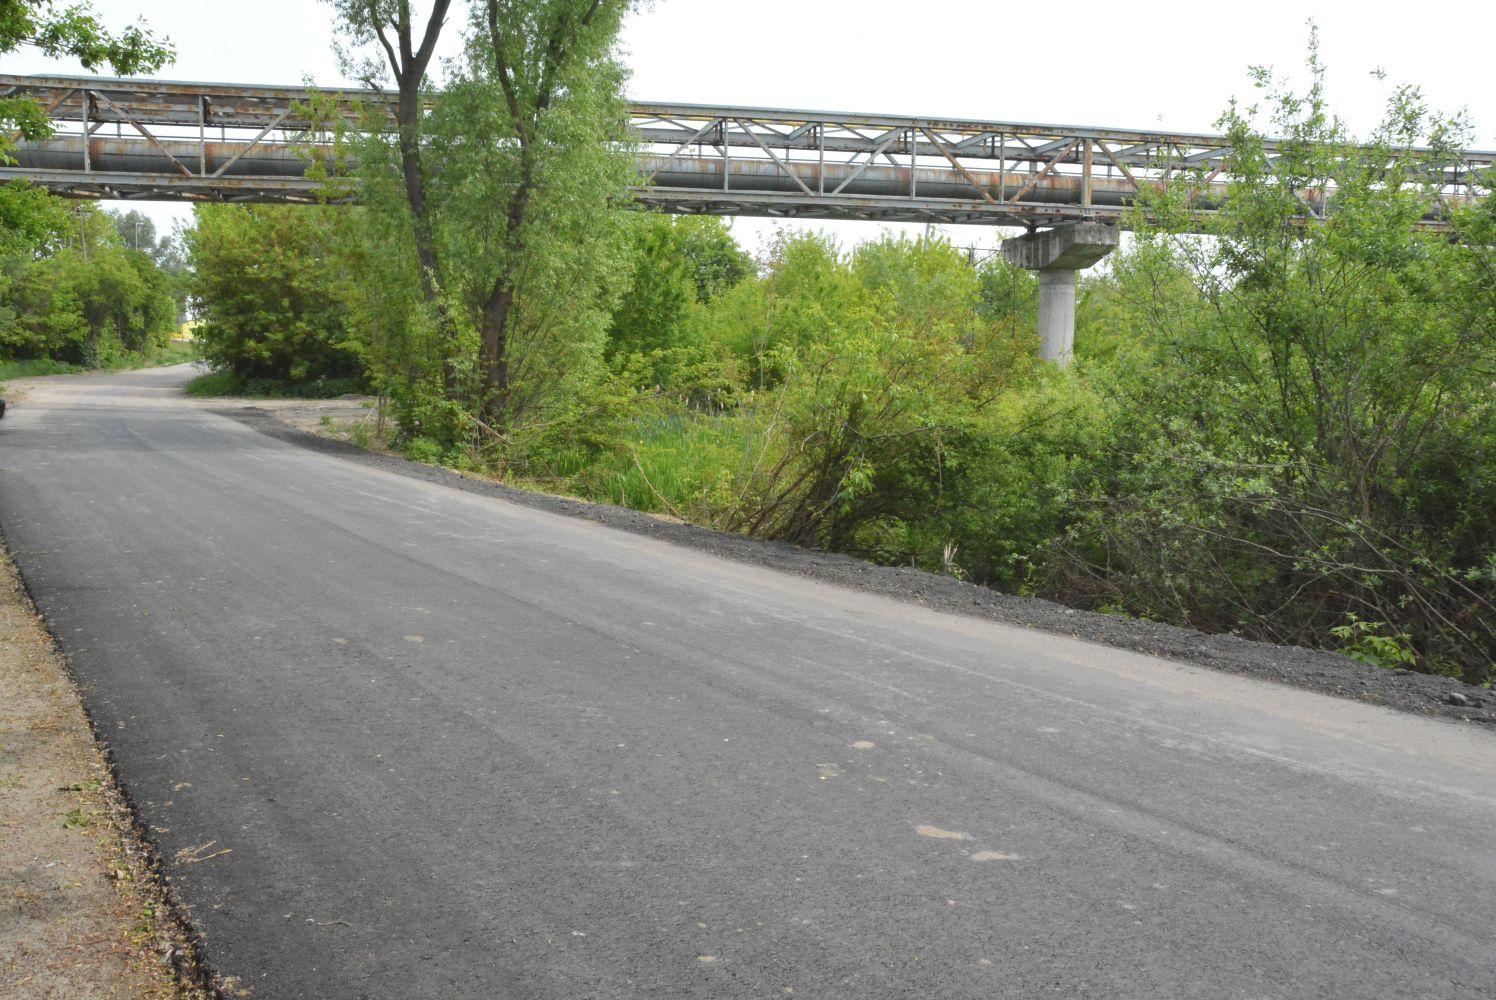 Prace porządkowe oraz nowe dywaniki asfaltowe na ulicach, wzdłuż których zainstalowano kanalizację wodno-ściekową